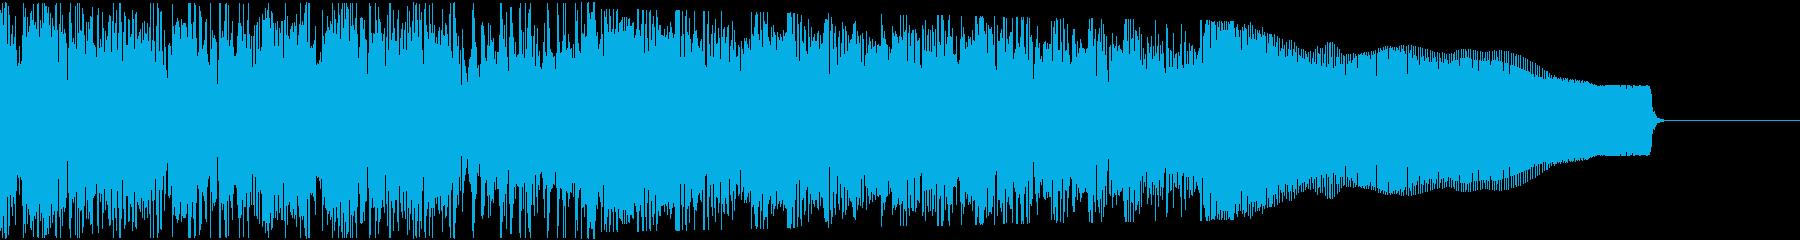 カントリー風ギターイントロ−06Fの再生済みの波形